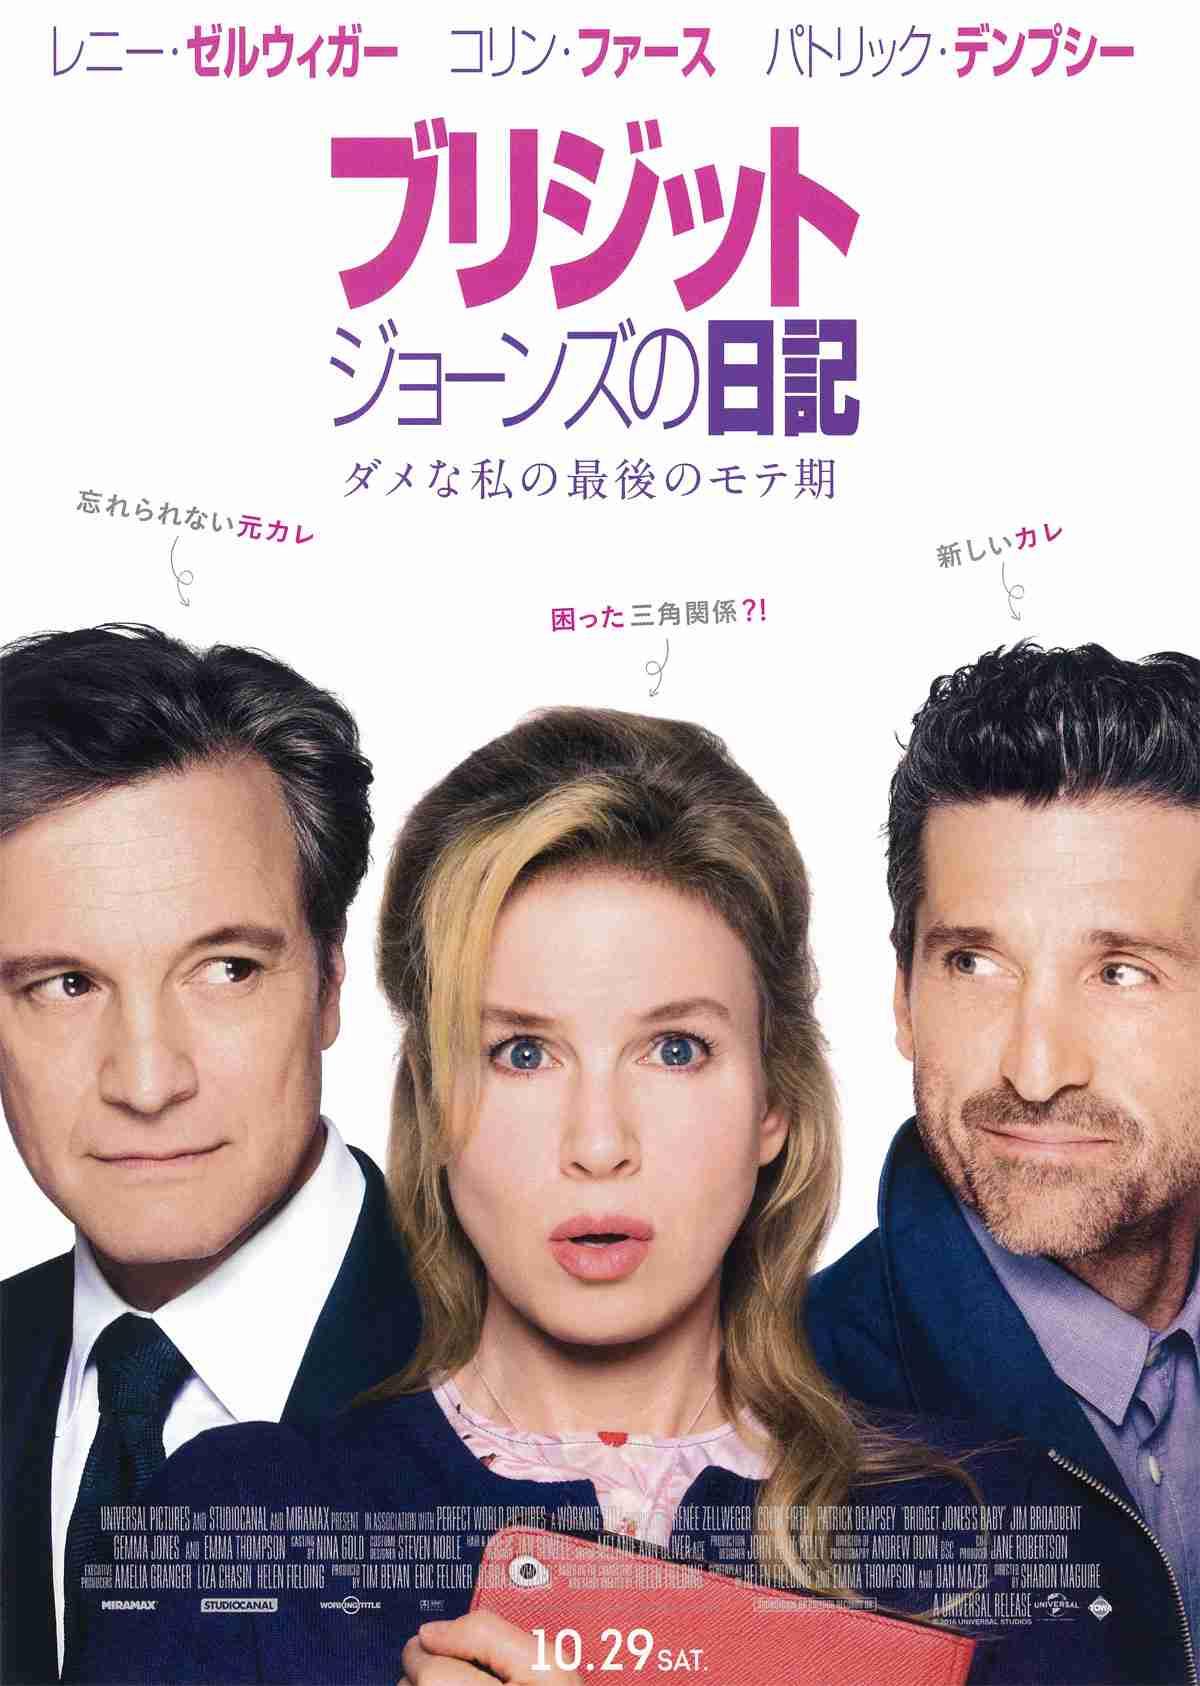 ブリジット・ジョーンズの日記 ダメな私の最後のモテ期 - 作品 - Yahoo!映画